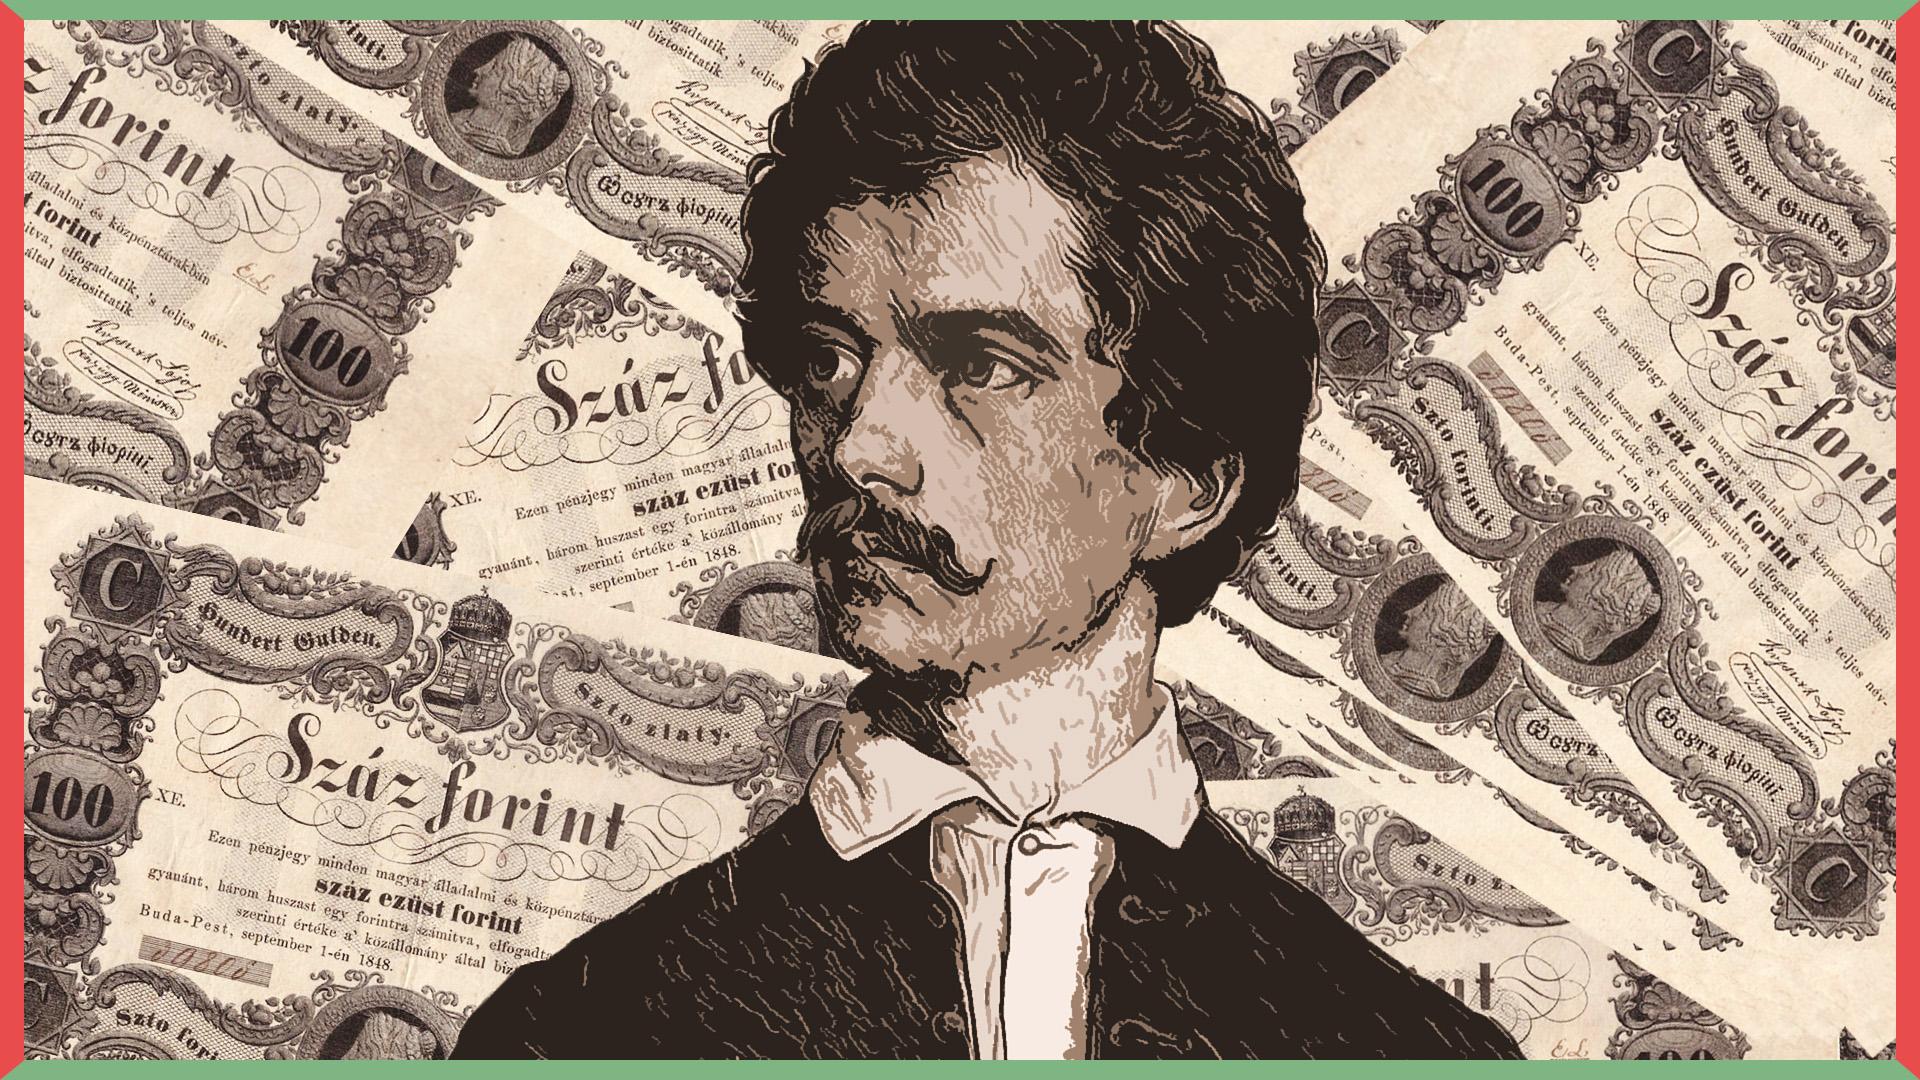 Petőfi Sándor kölcsönkért tízezer forintot egy londoni útra, aztán fellépett egy cigányzenekarral